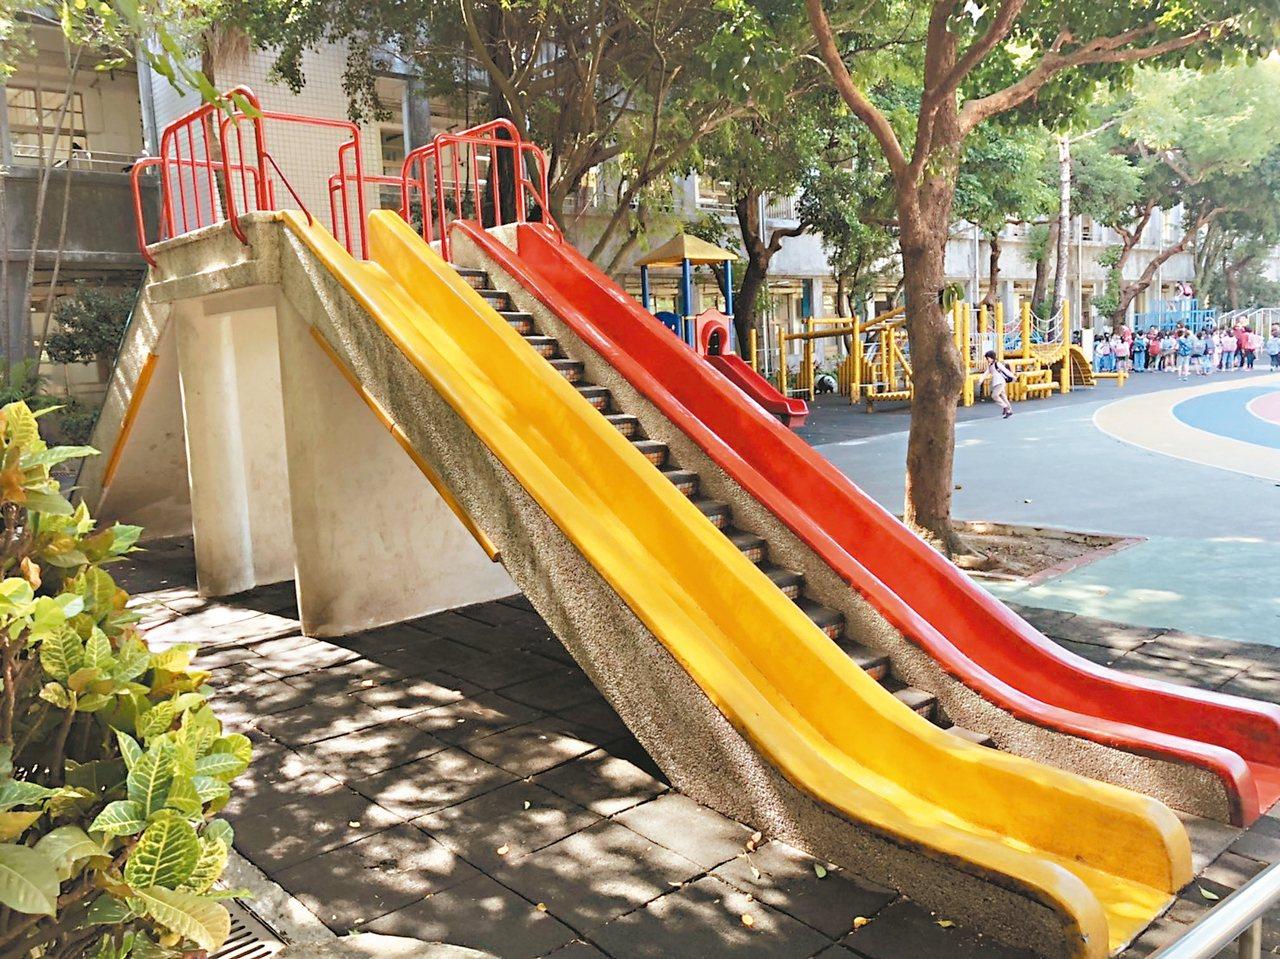 還我特色公園行動聯盟反映,不少學校忙著「拆遊具」,甚至還有學校將「磨石子溜滑梯」...